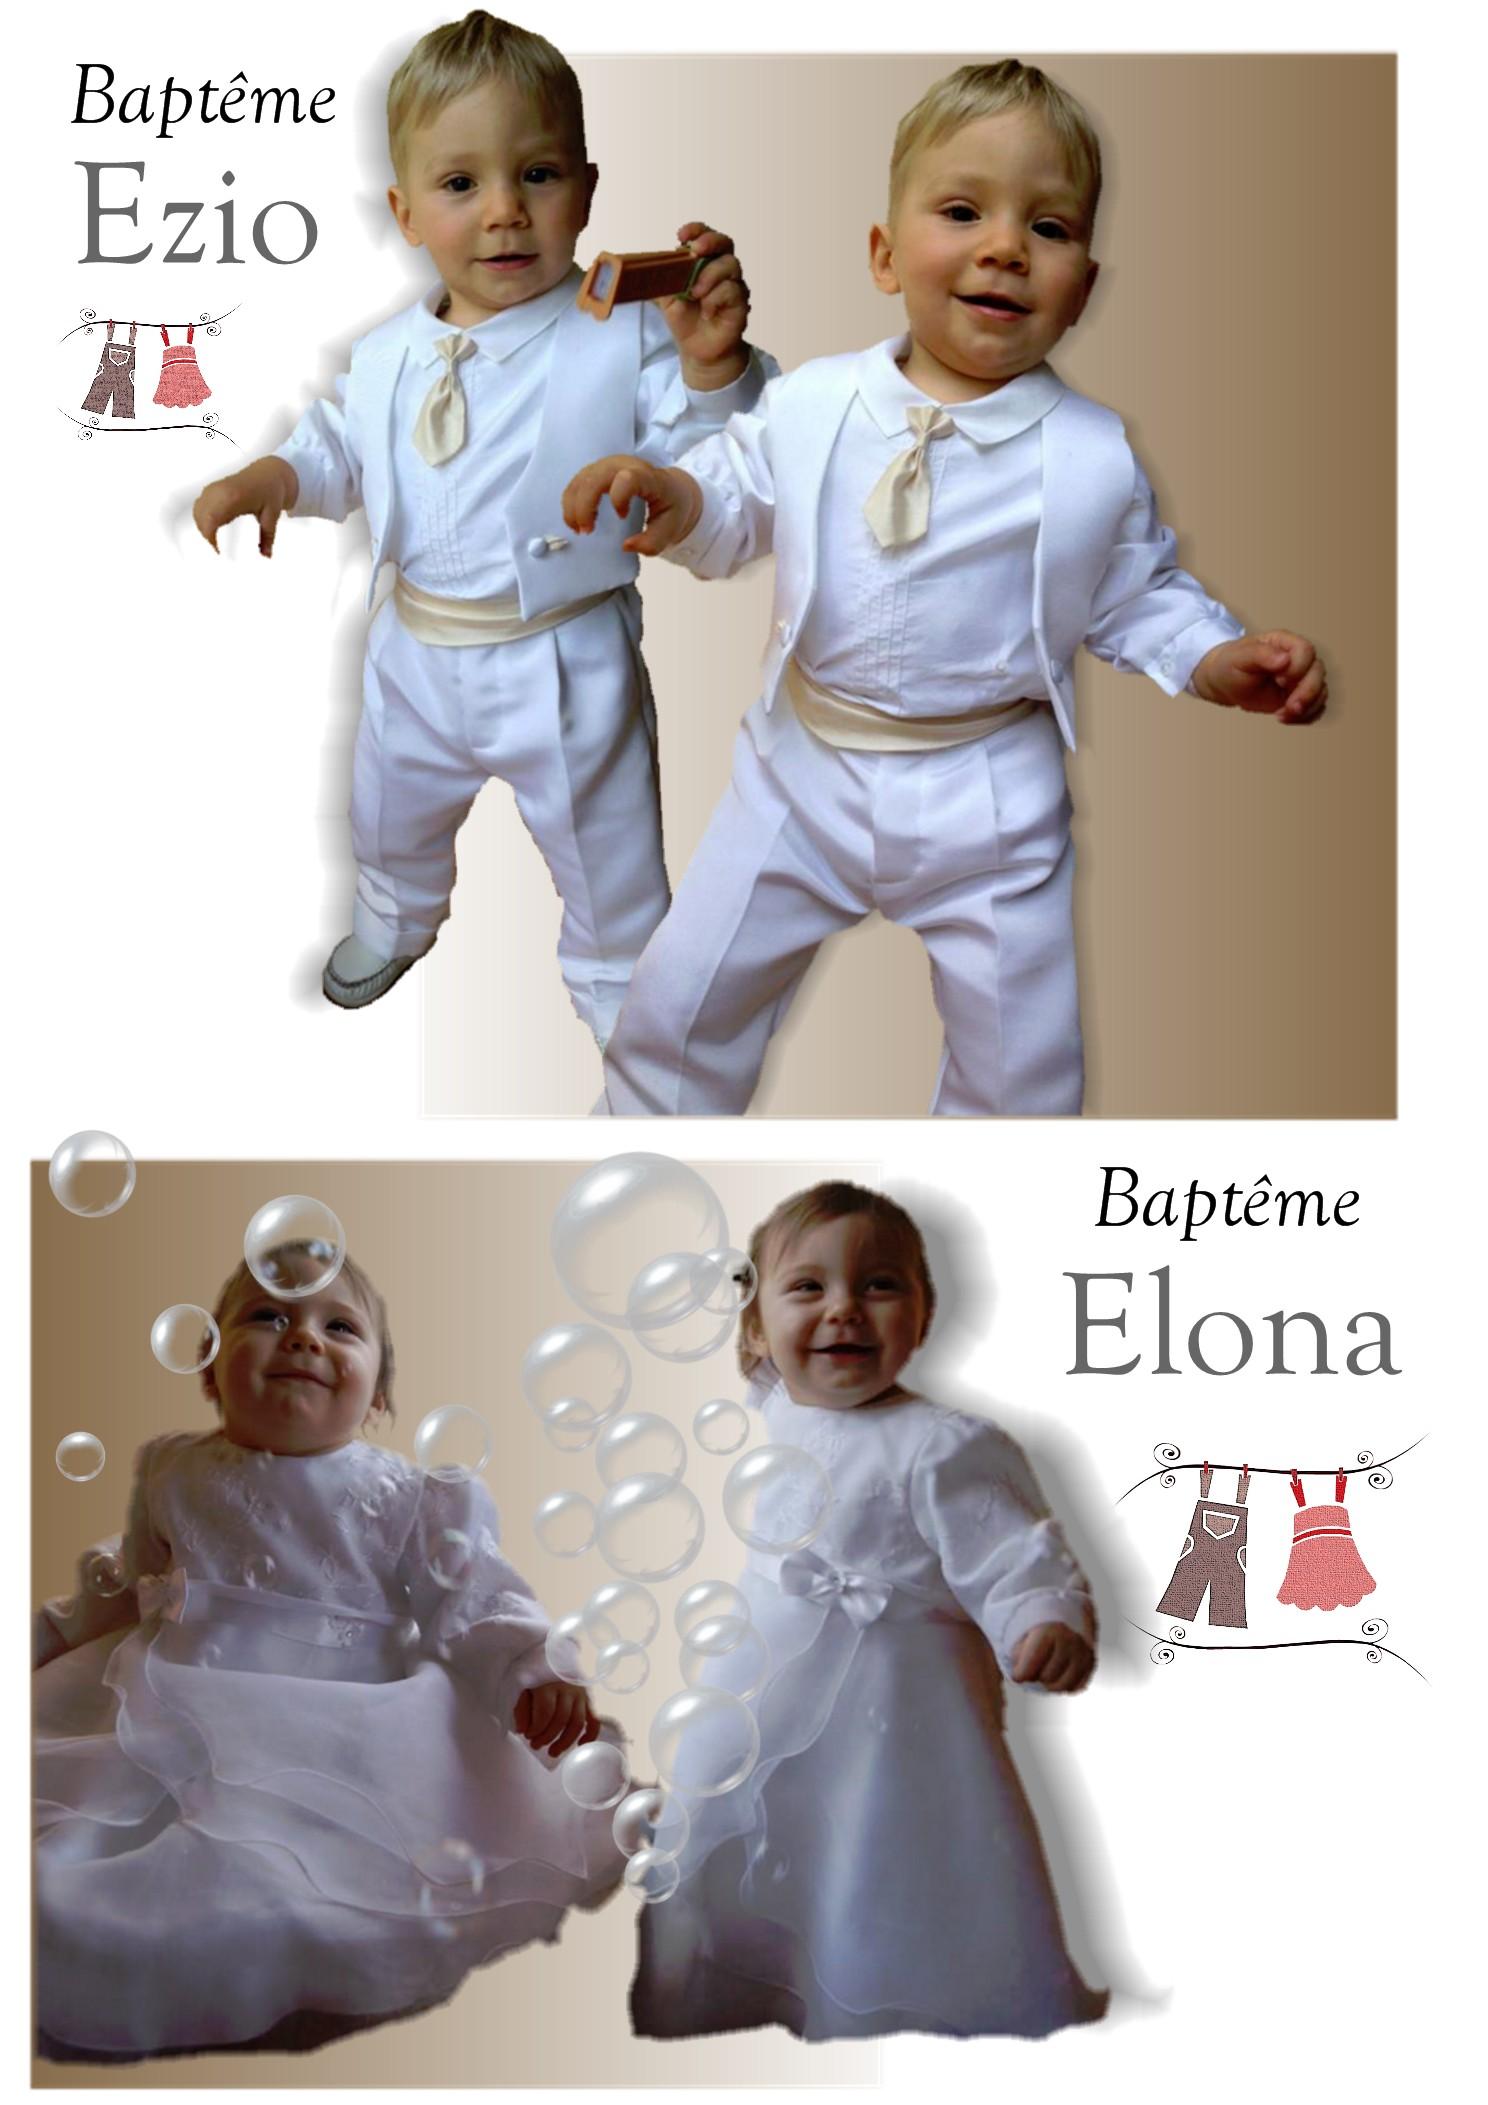 BOUTIQUE LA MELINDA CEREMONIE BAPTEME ENFANT COLLECTION PORTUGAISE ALBUM photo 8.jpg